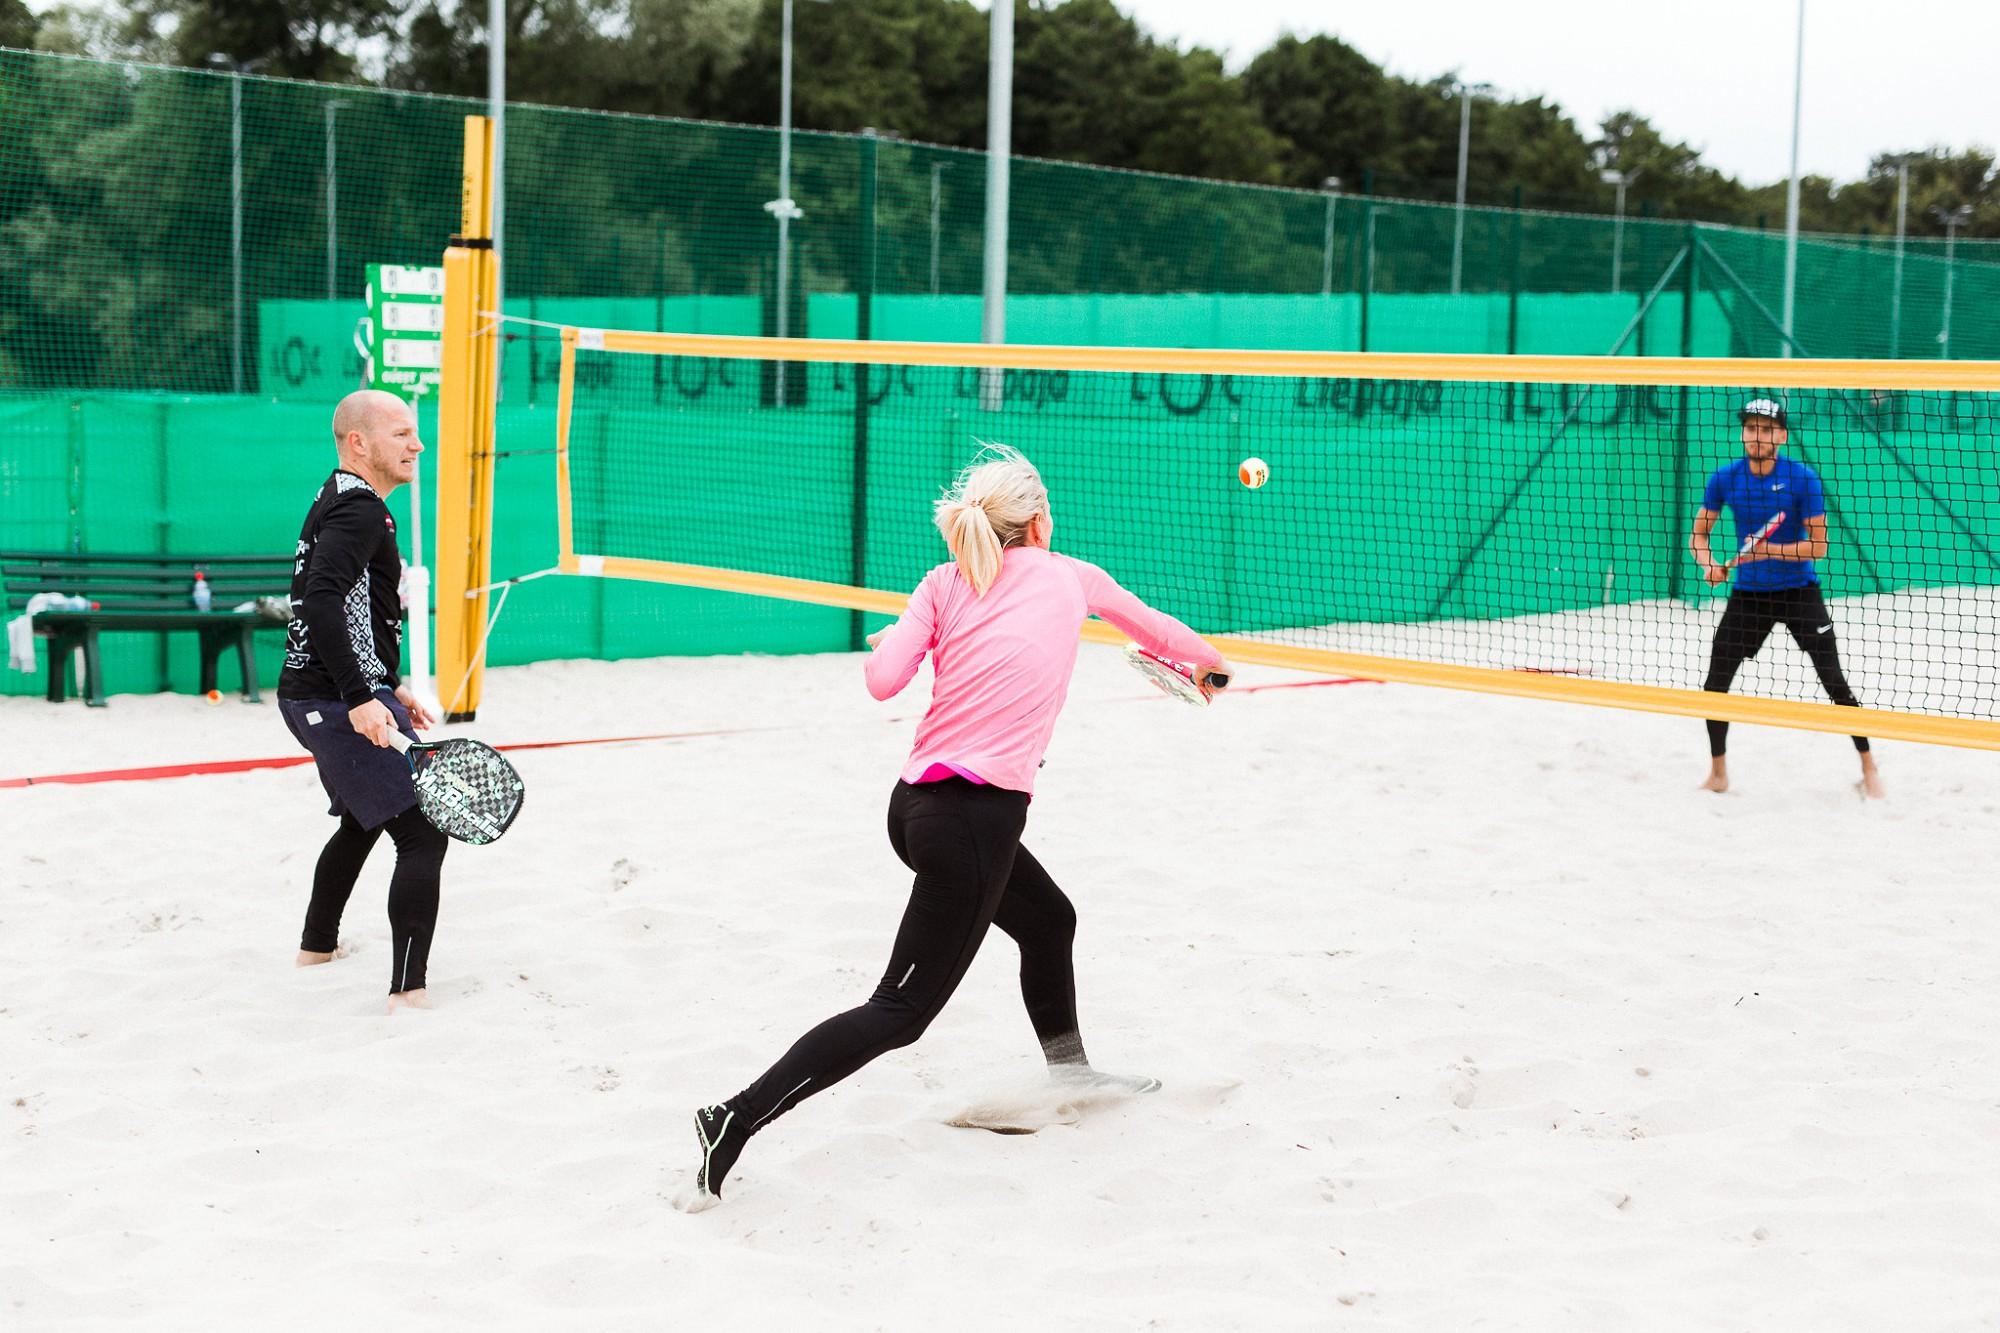 Norisināsies Liepājas meistarsacīkstes pludmales tenisā